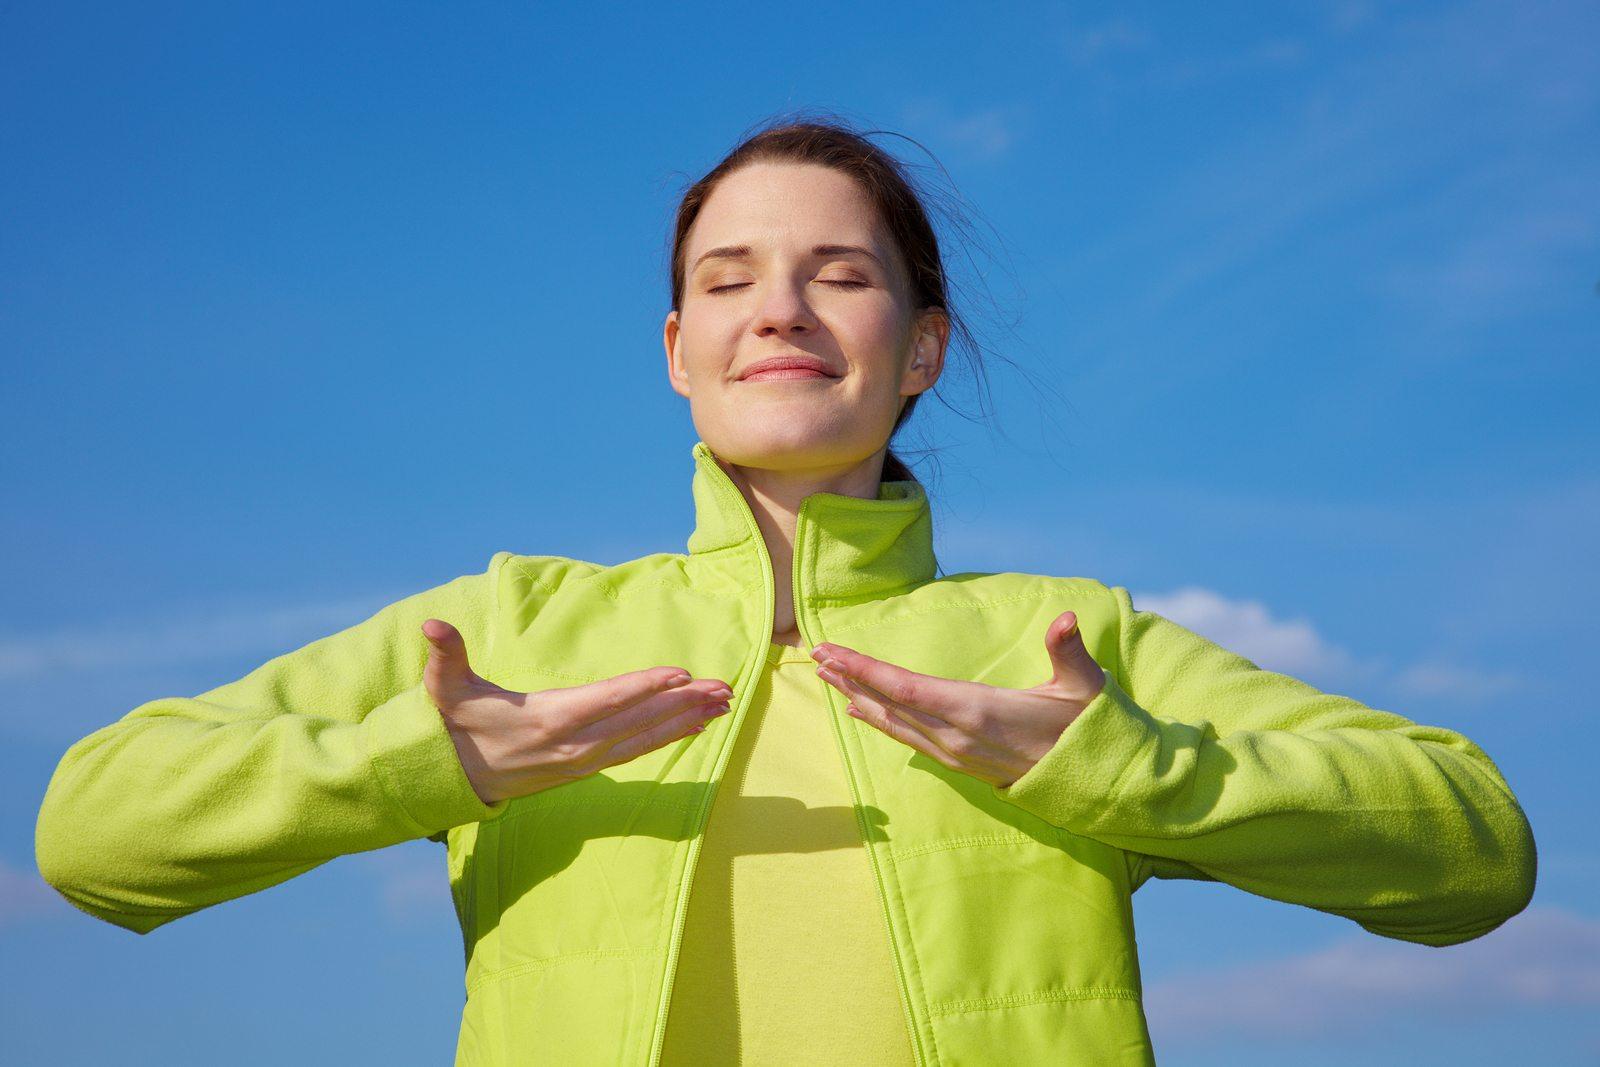 Resultado de imagem para exercícios contra o stress